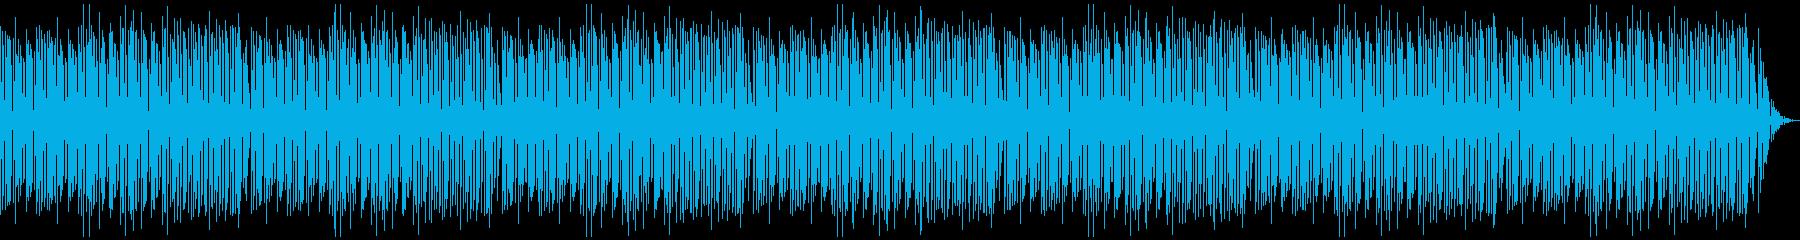 ほのぼのしたピアノのBGM。日常など。の再生済みの波形